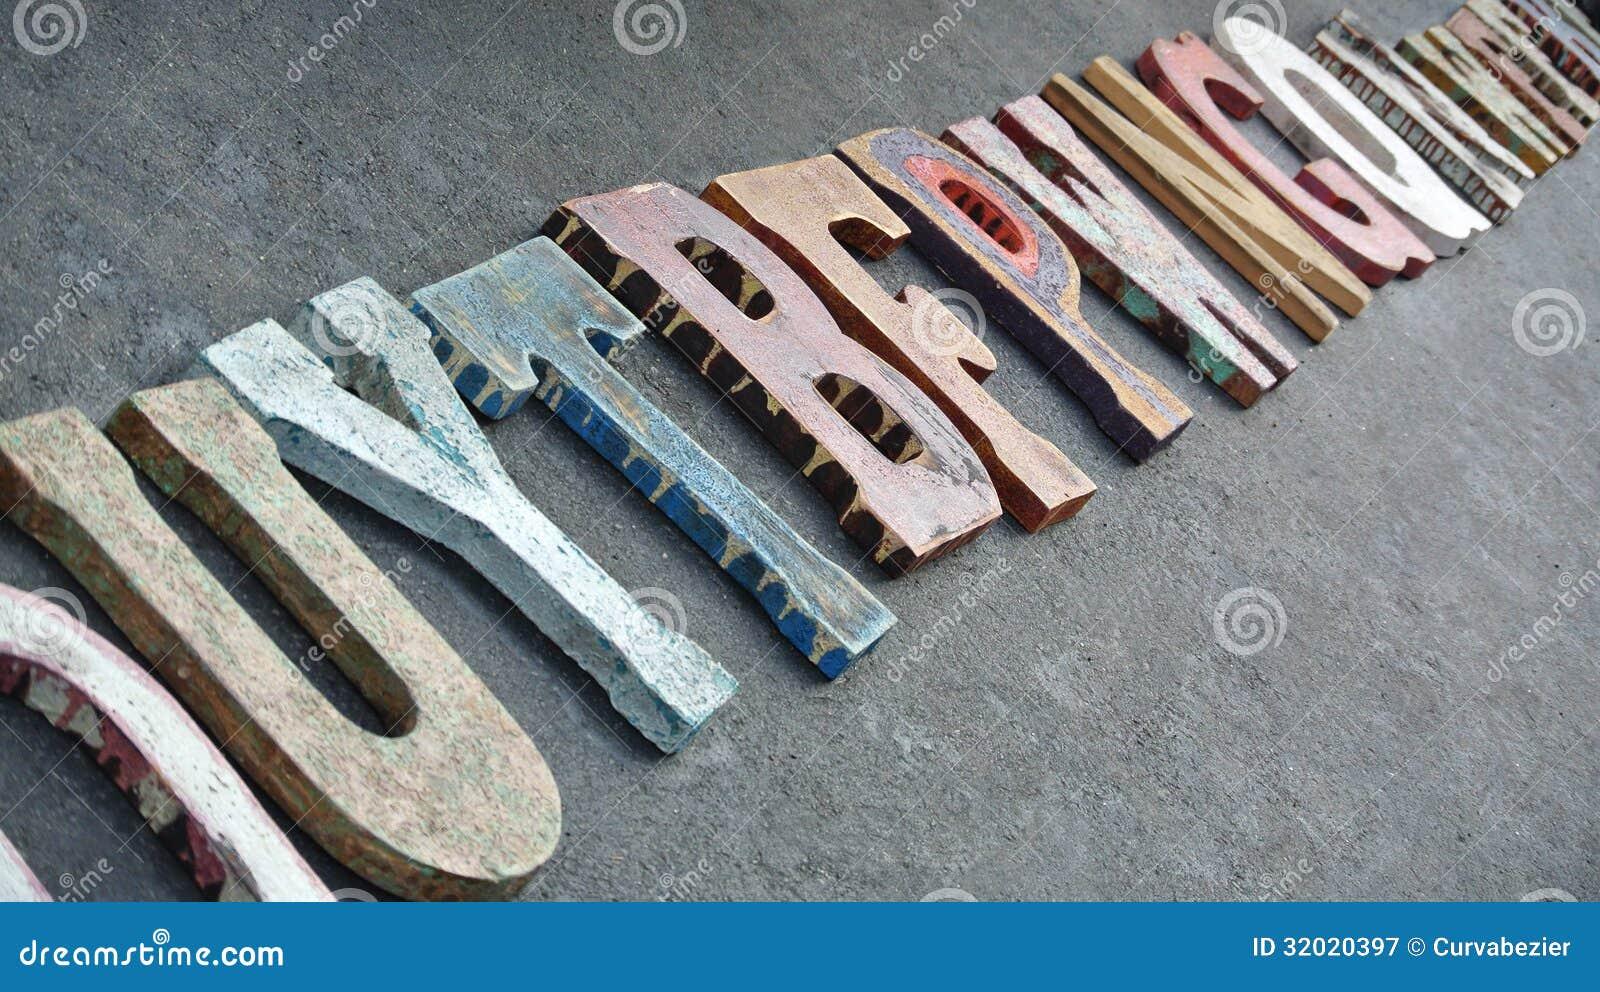 Lettere Di Legno Colorate : Lettere di legno di tipografia visualizzate nella linea immagine